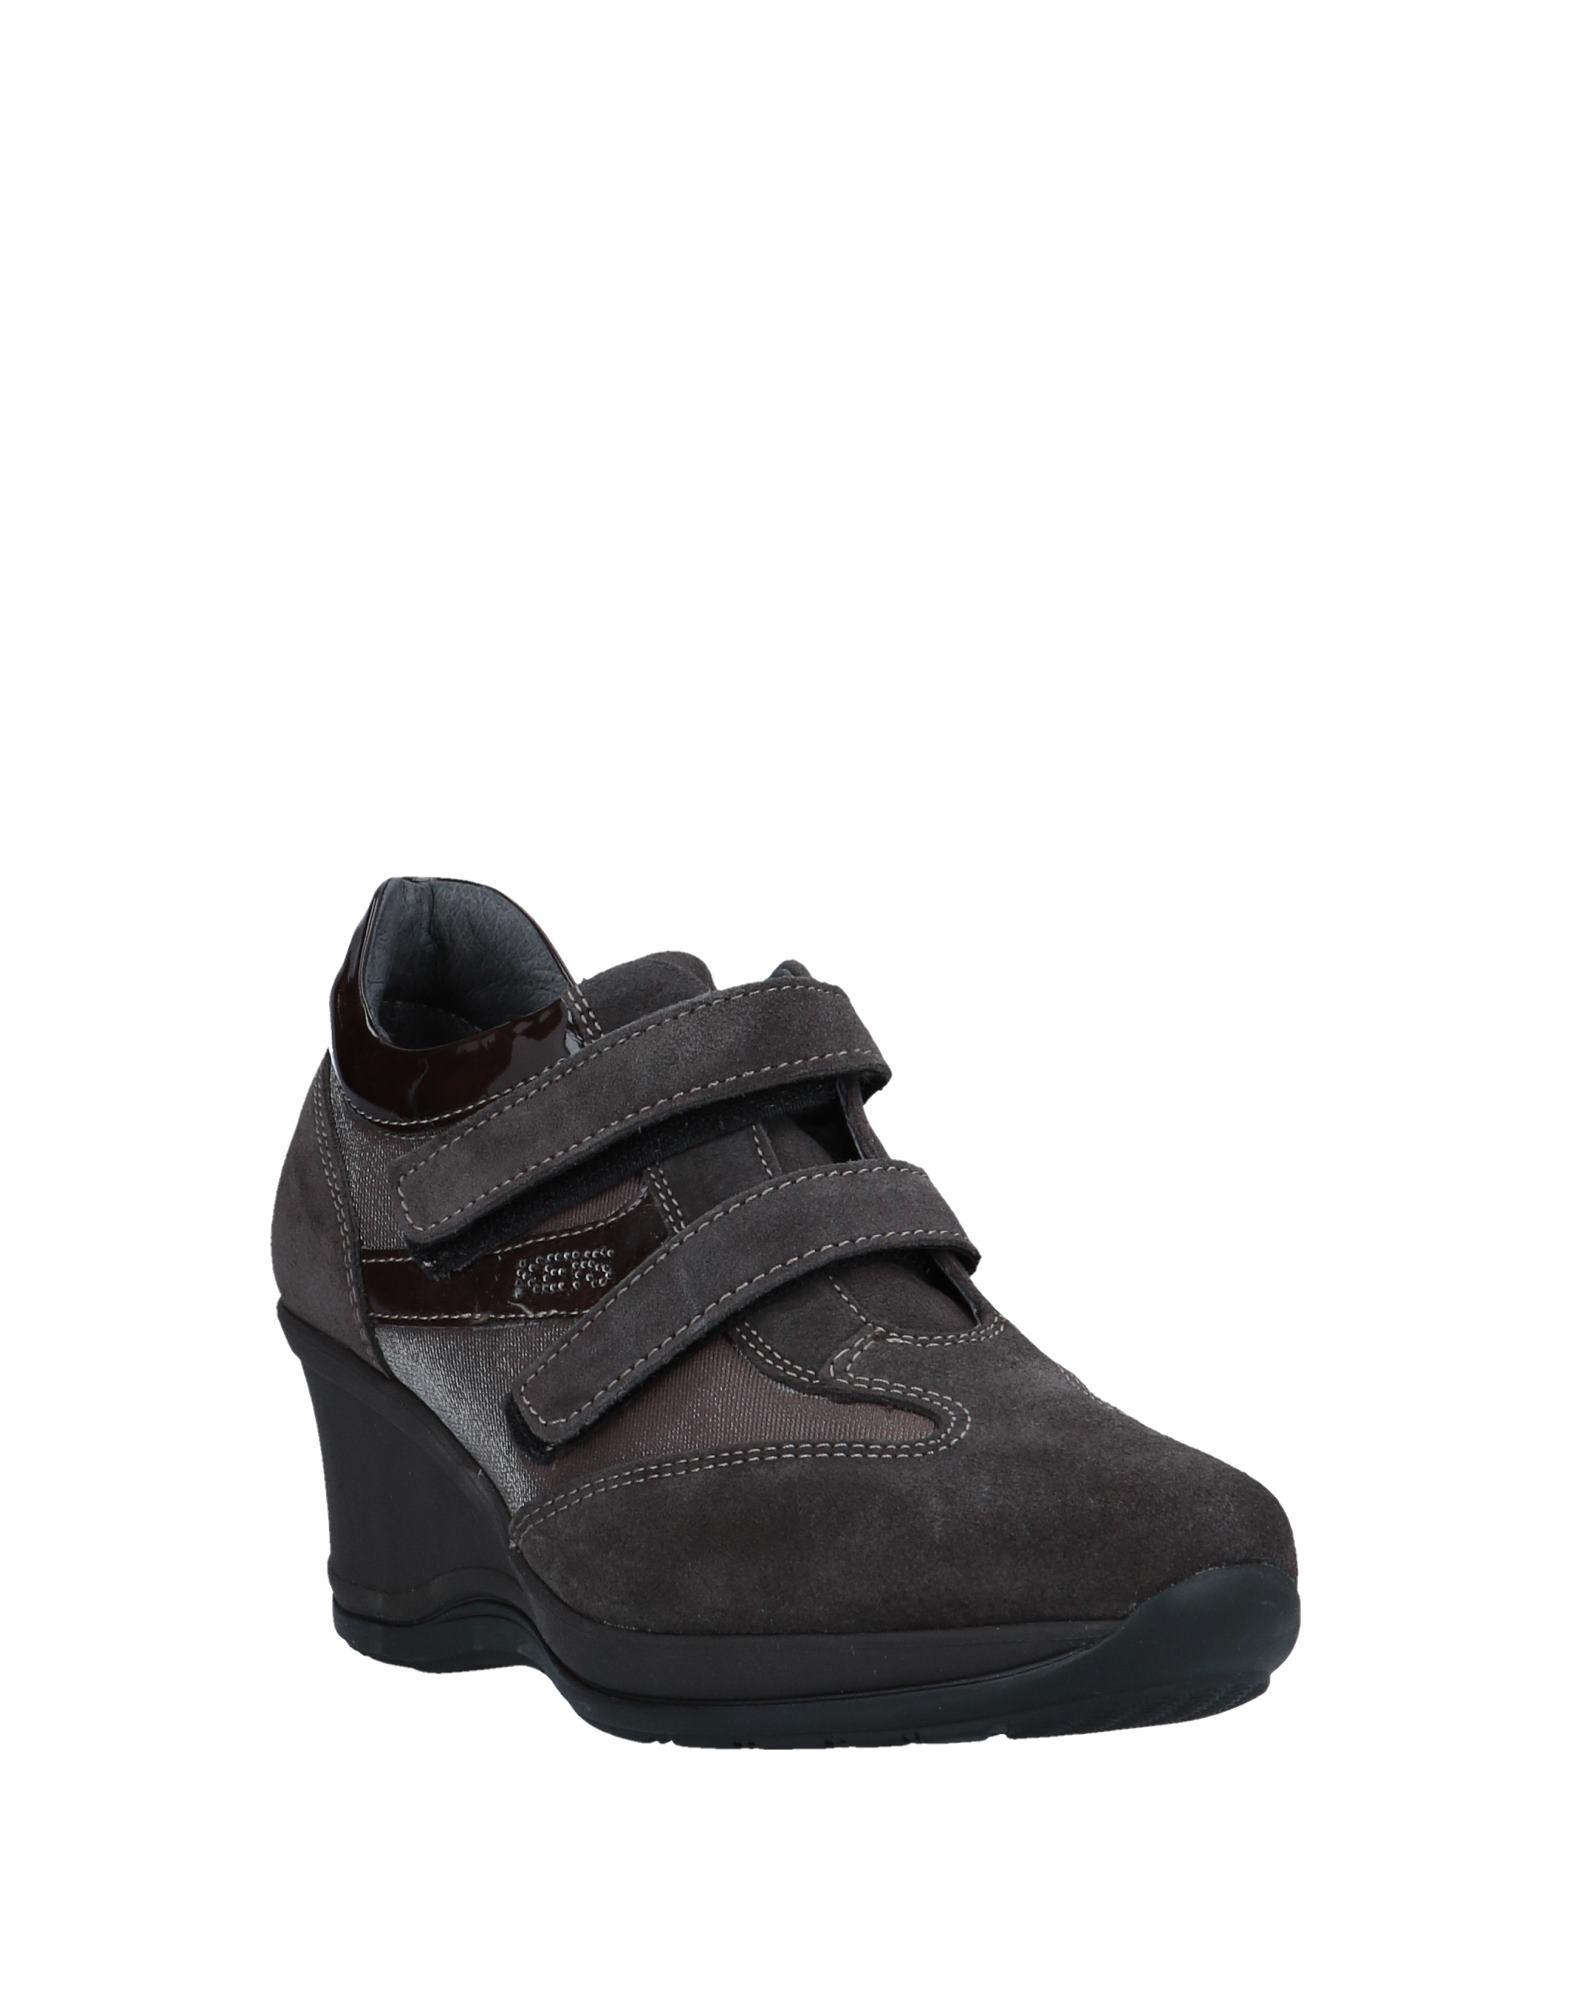 Keys Sneakers Damen   Damen 11551407RH  06a429